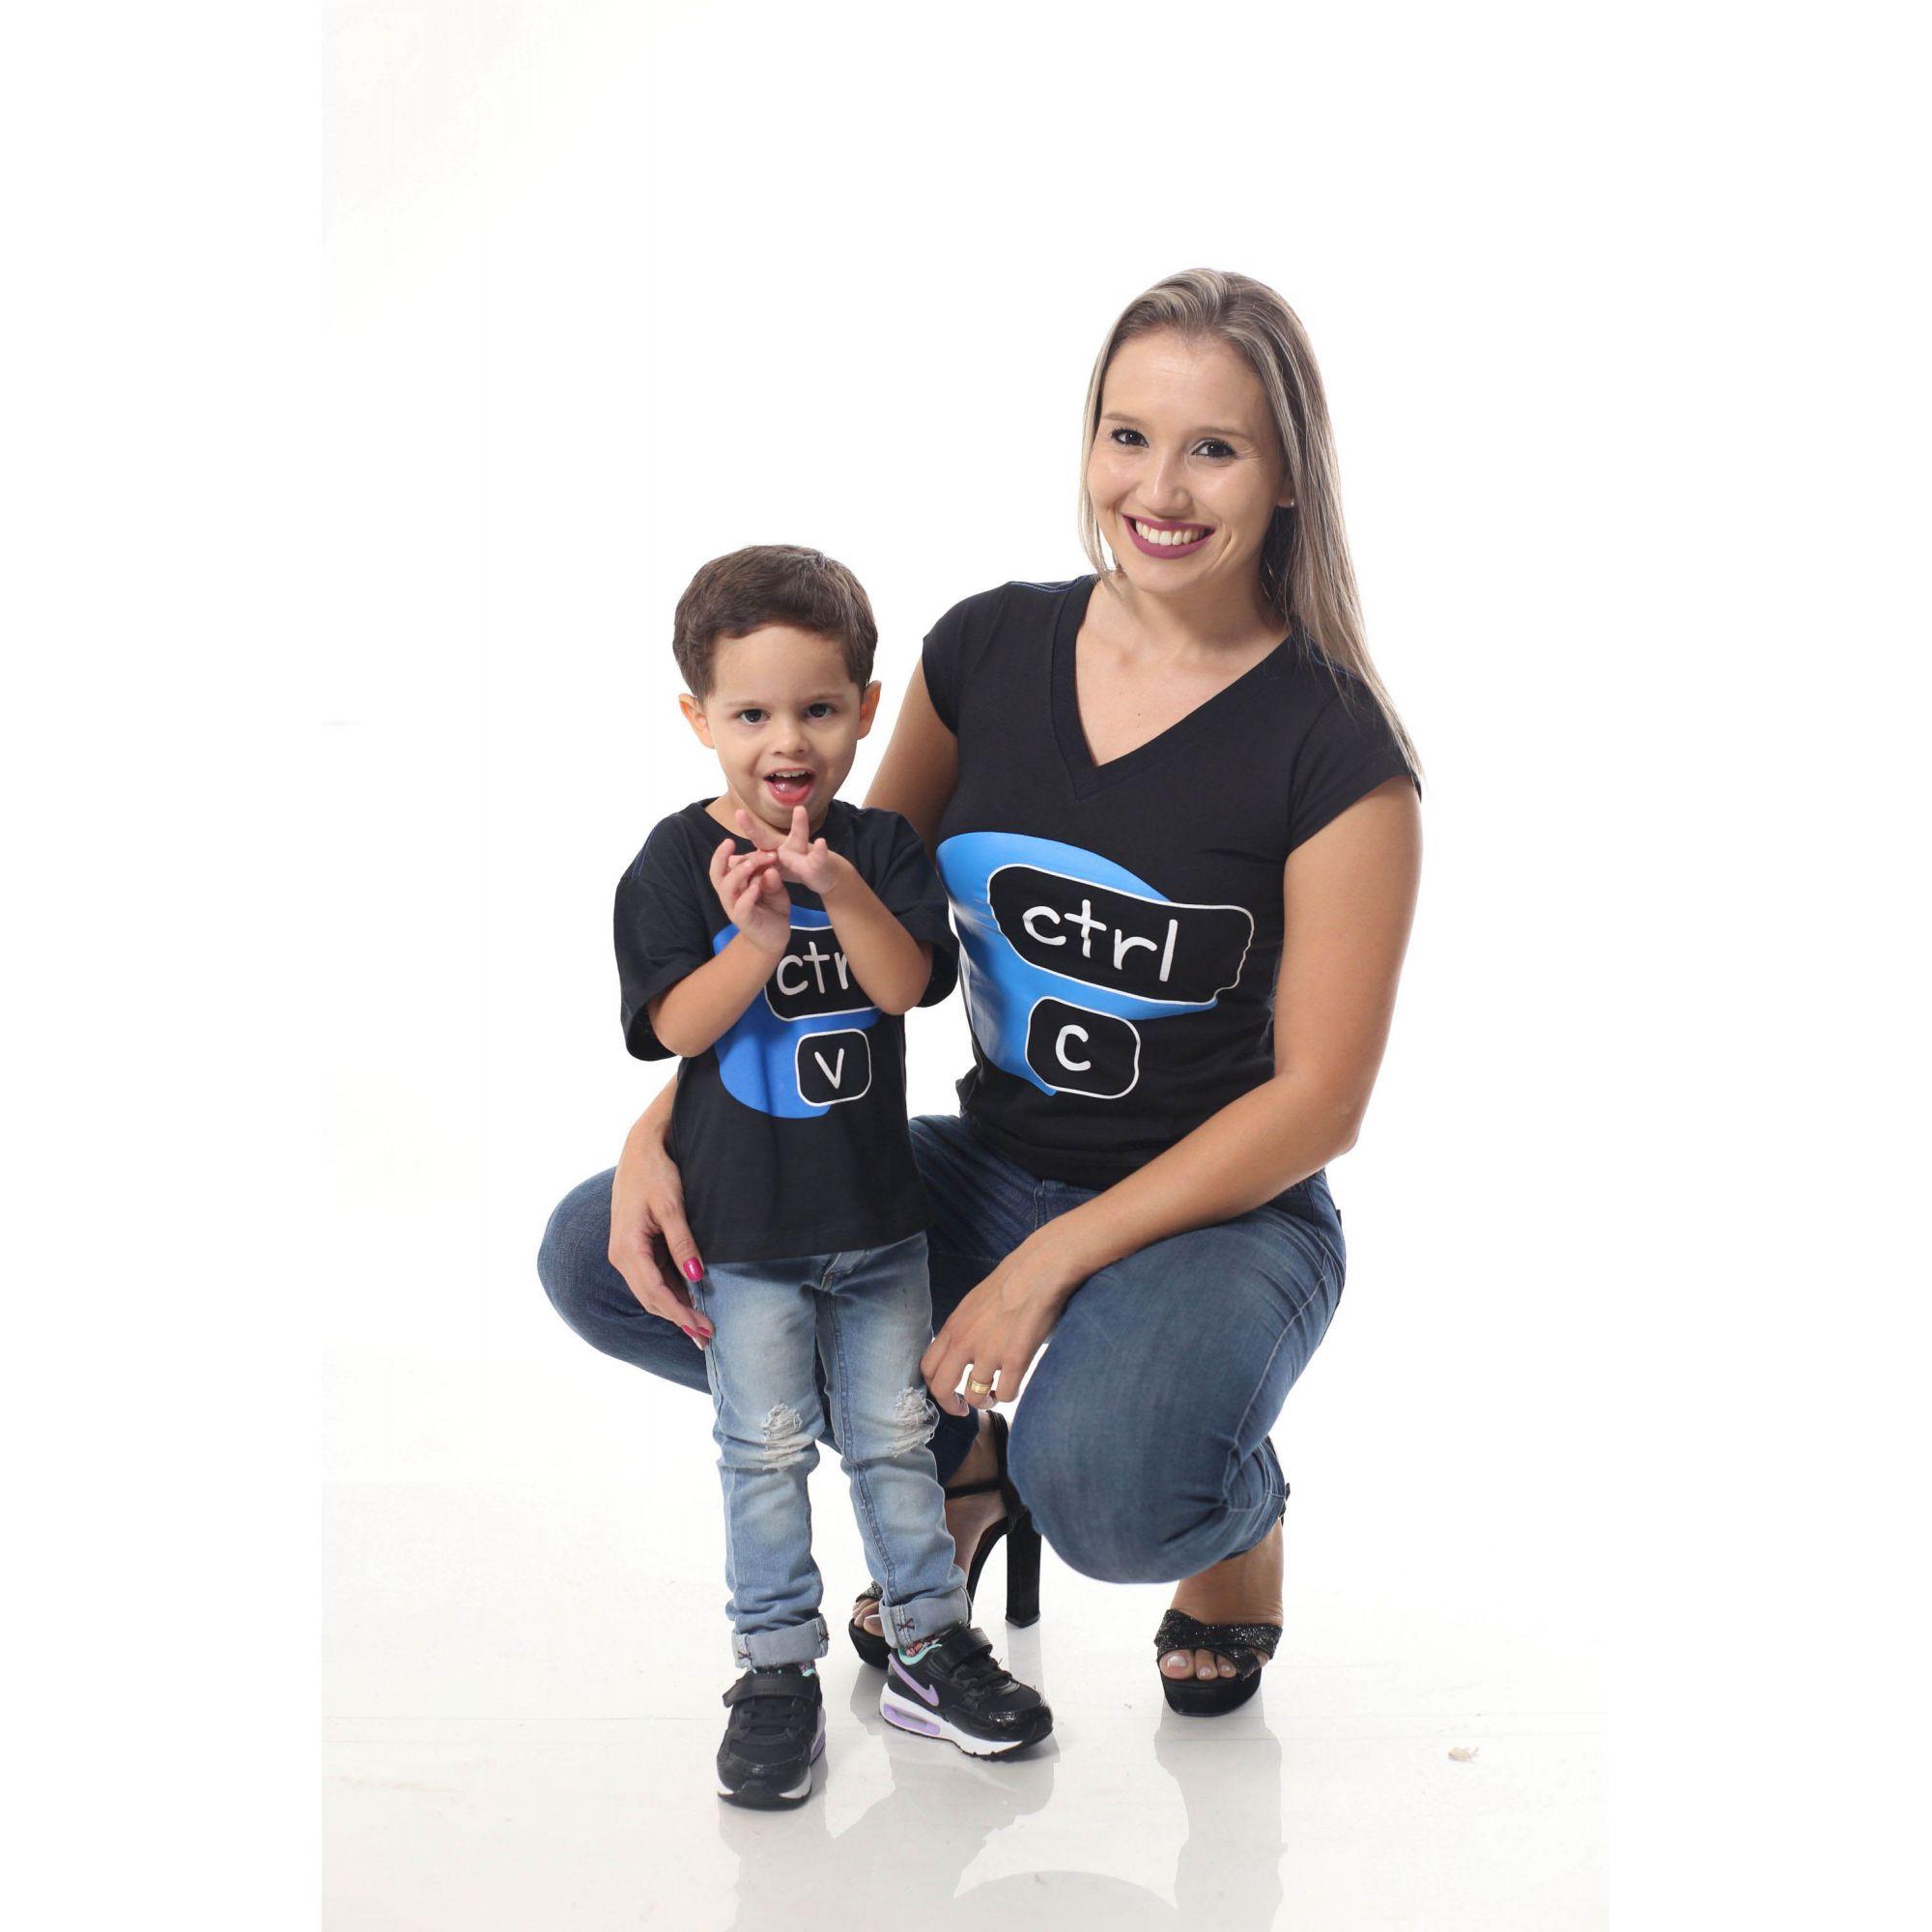 MÃE E FILHO > Kit Camisetas Pretas CTRL-C & CTRL-V [Coleção Tal Mãe Tal Filho]  - Heitor Fashion Brazil